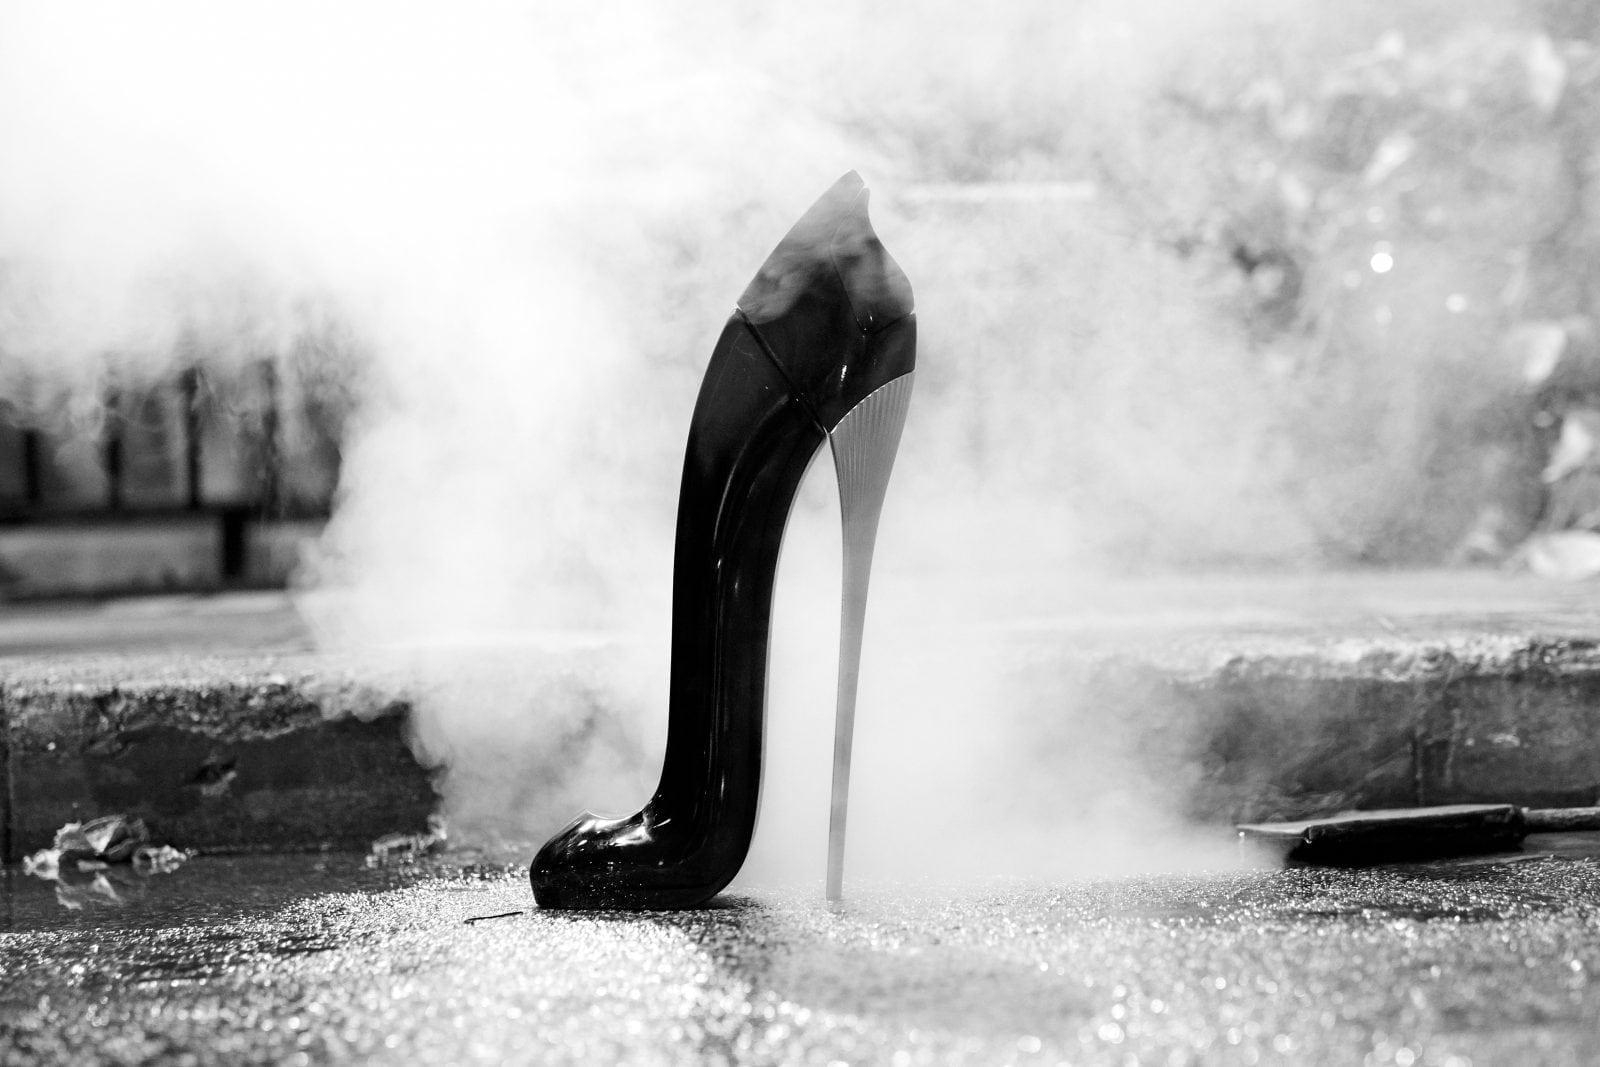 EXCL CHNY GOODGIRL Pack shot Still Life 1 HR hr - Good Girl by Carolina Herrera